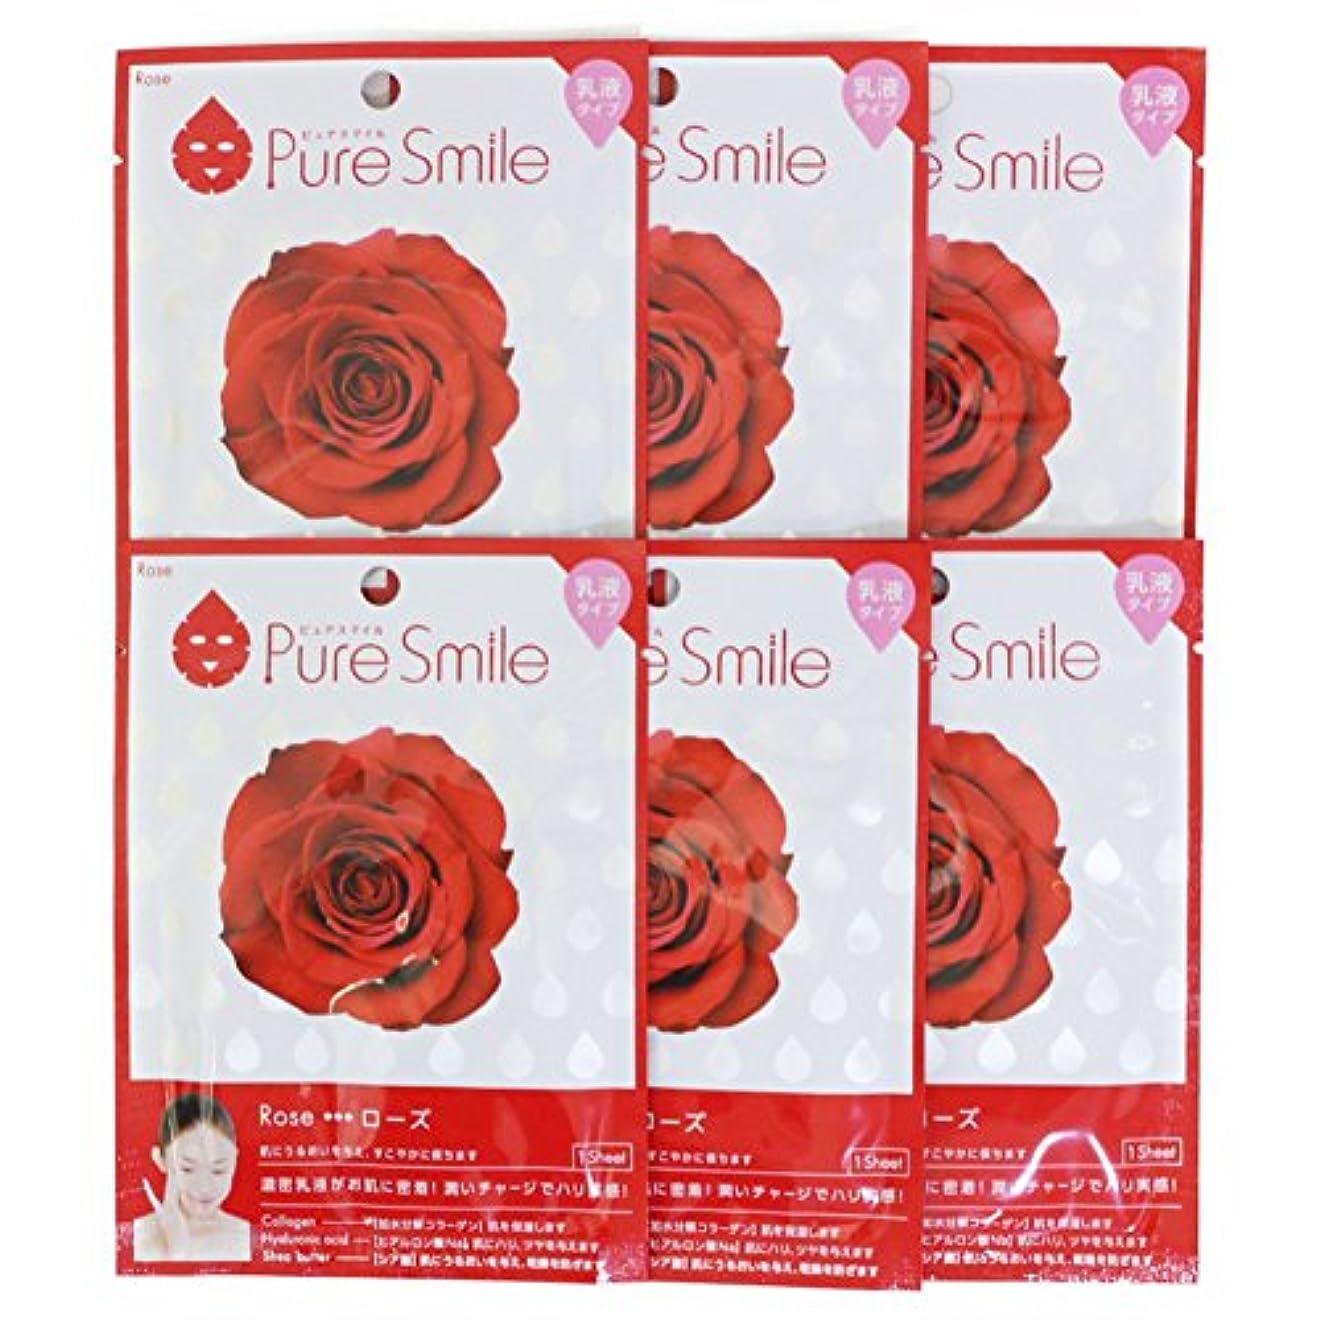 侵入未亡人焼くPure Smile ピュアスマイル 乳液エッセンスマスク ローズ 6枚セット